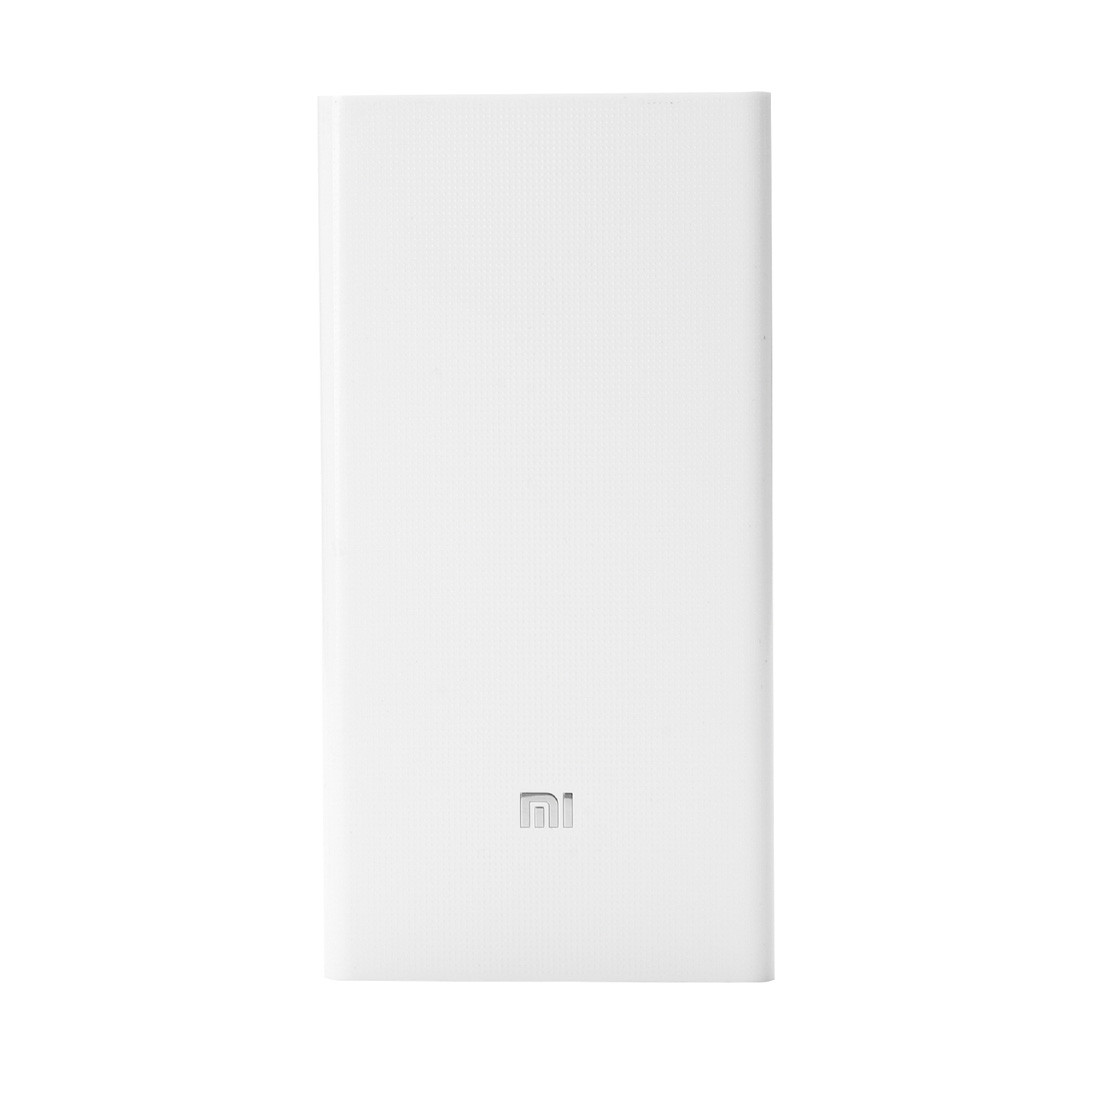 Портативное зарядное устройство, Xiaomi, Mi Power Bank VXN4180CN 20000 mAh V2, Выход USB: 2*2.1A, Ин